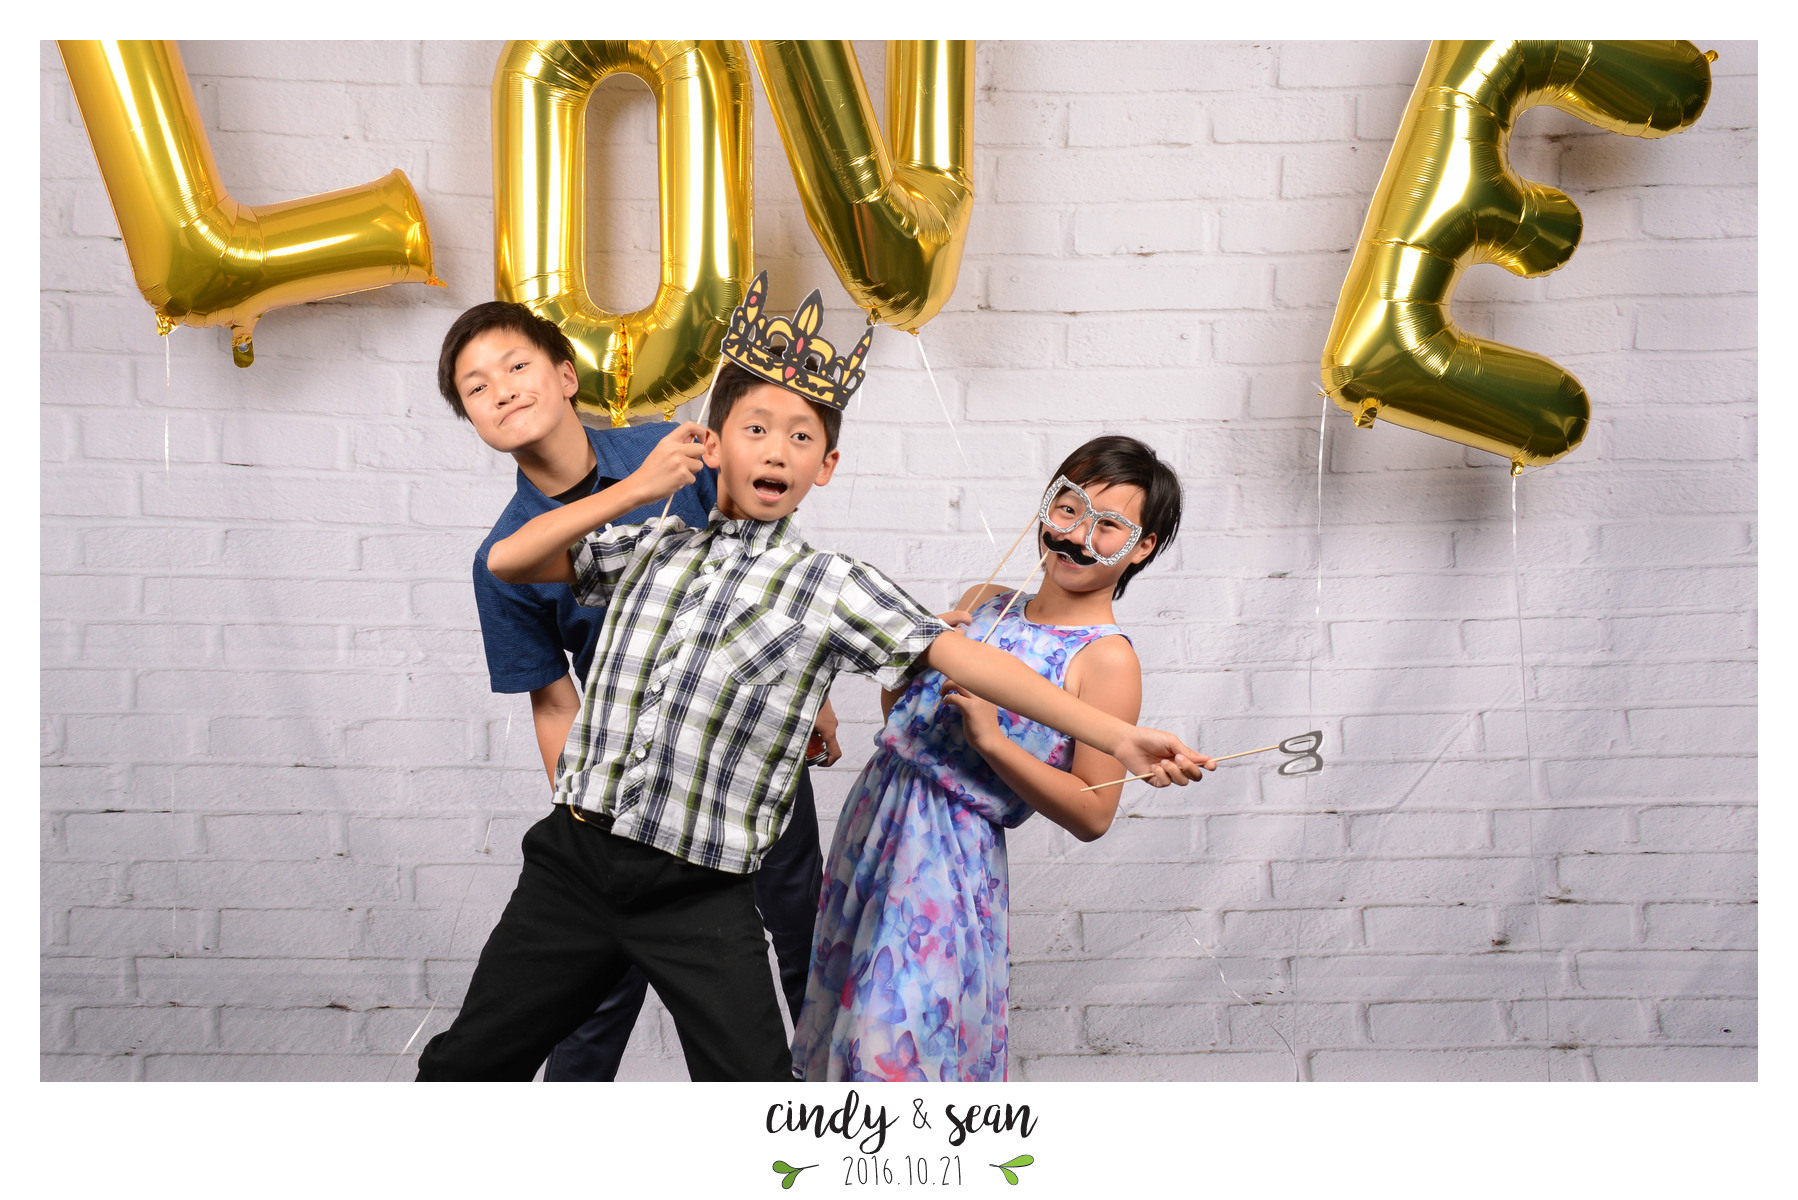 Cindy Sean Bae - 0001-81.jpg